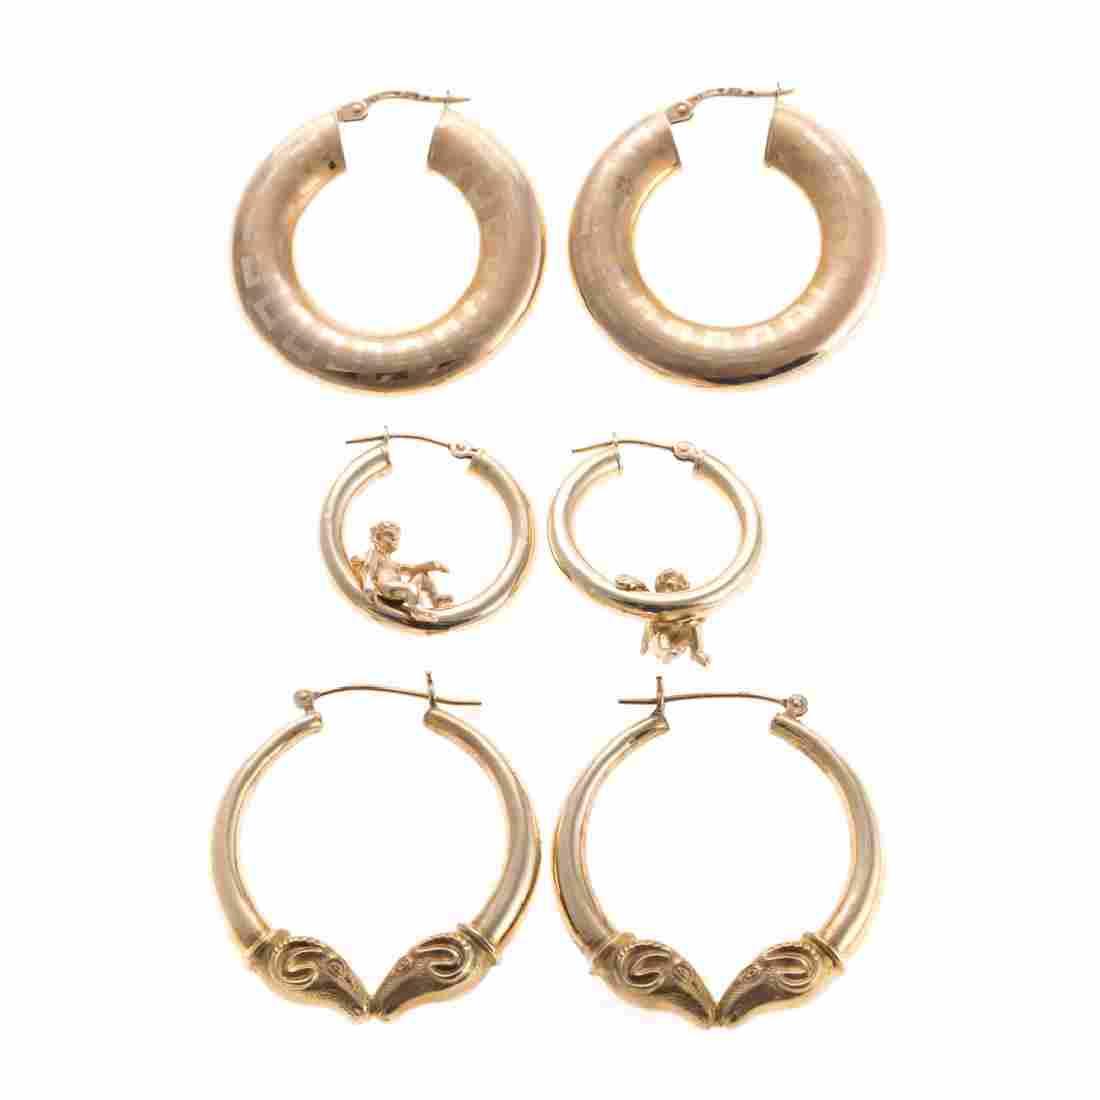 A Trio of Lady's Gold Hoop Earrings